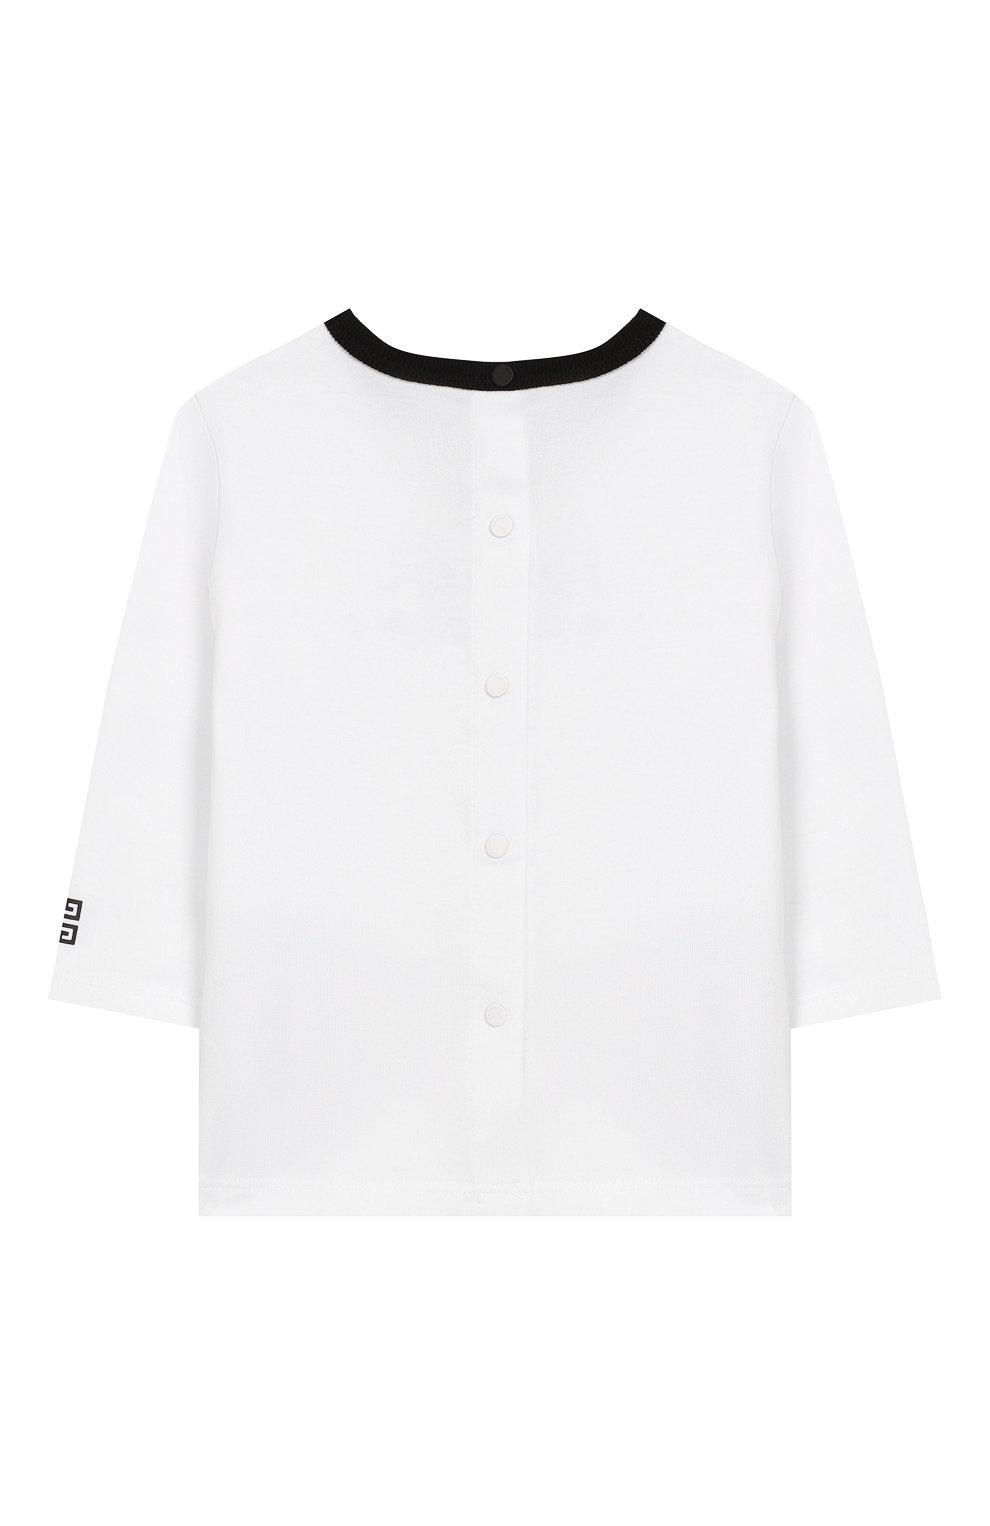 Комплект из 3-х предметов Givenchy черно-белого цвета | Фото №3